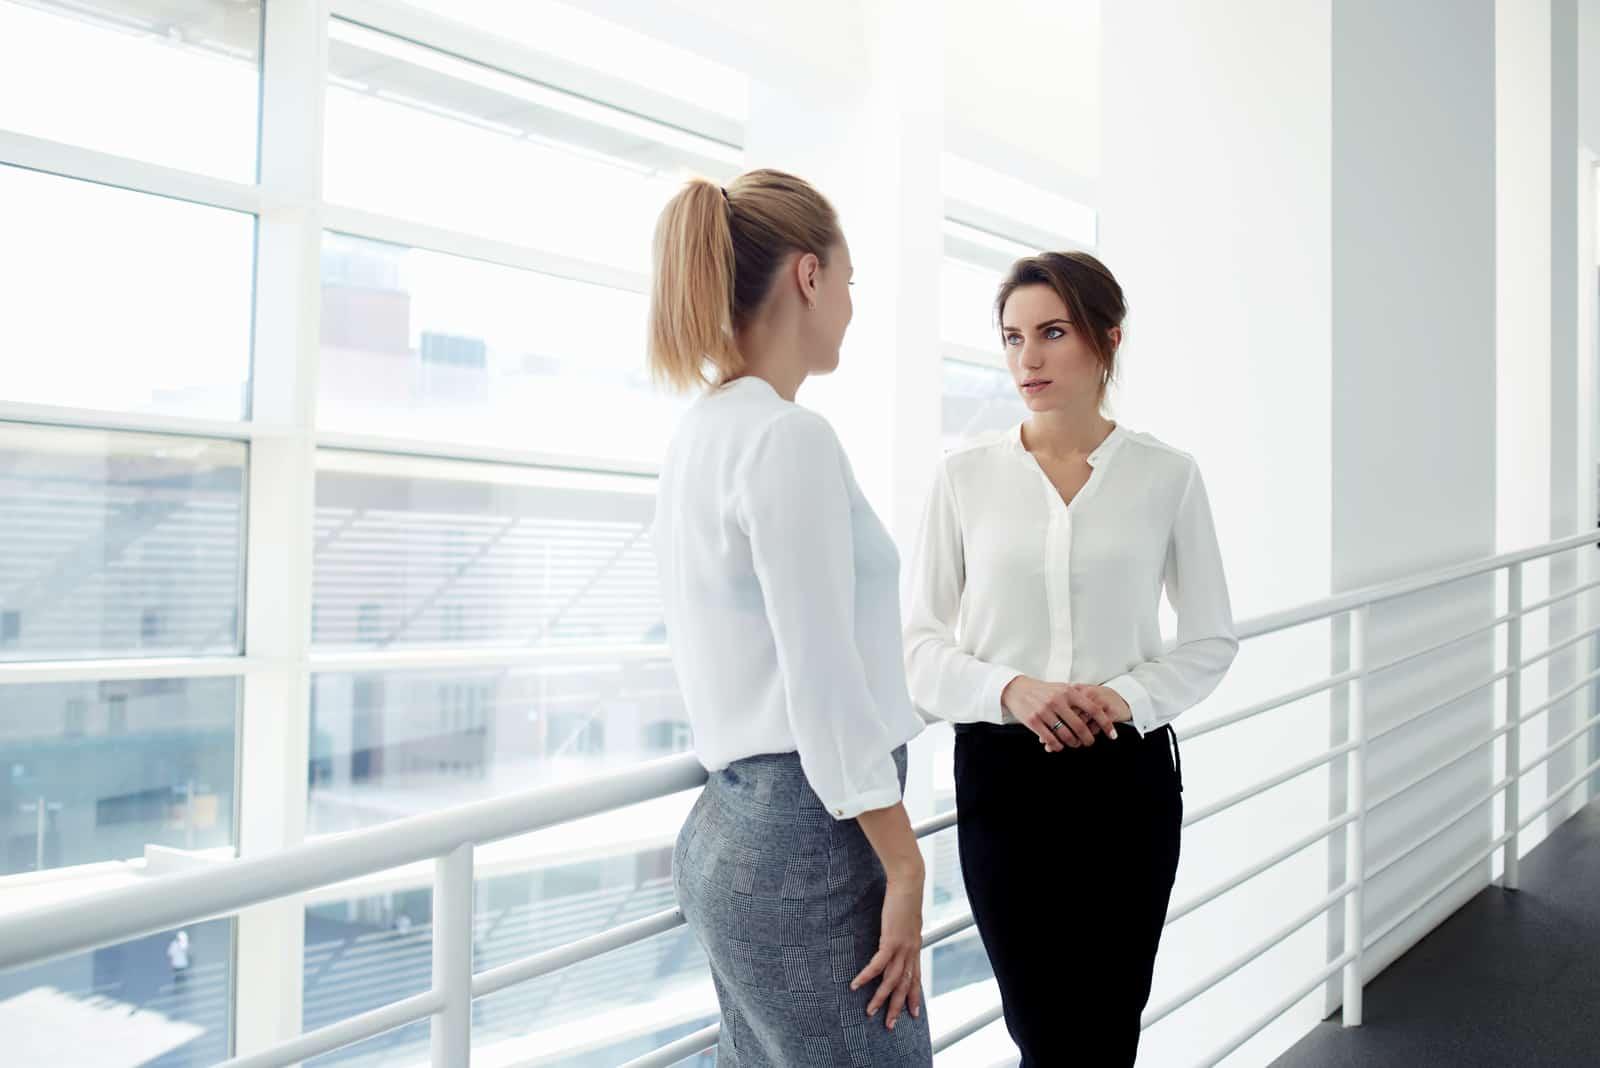 två kvinnliga kollegor som pratar